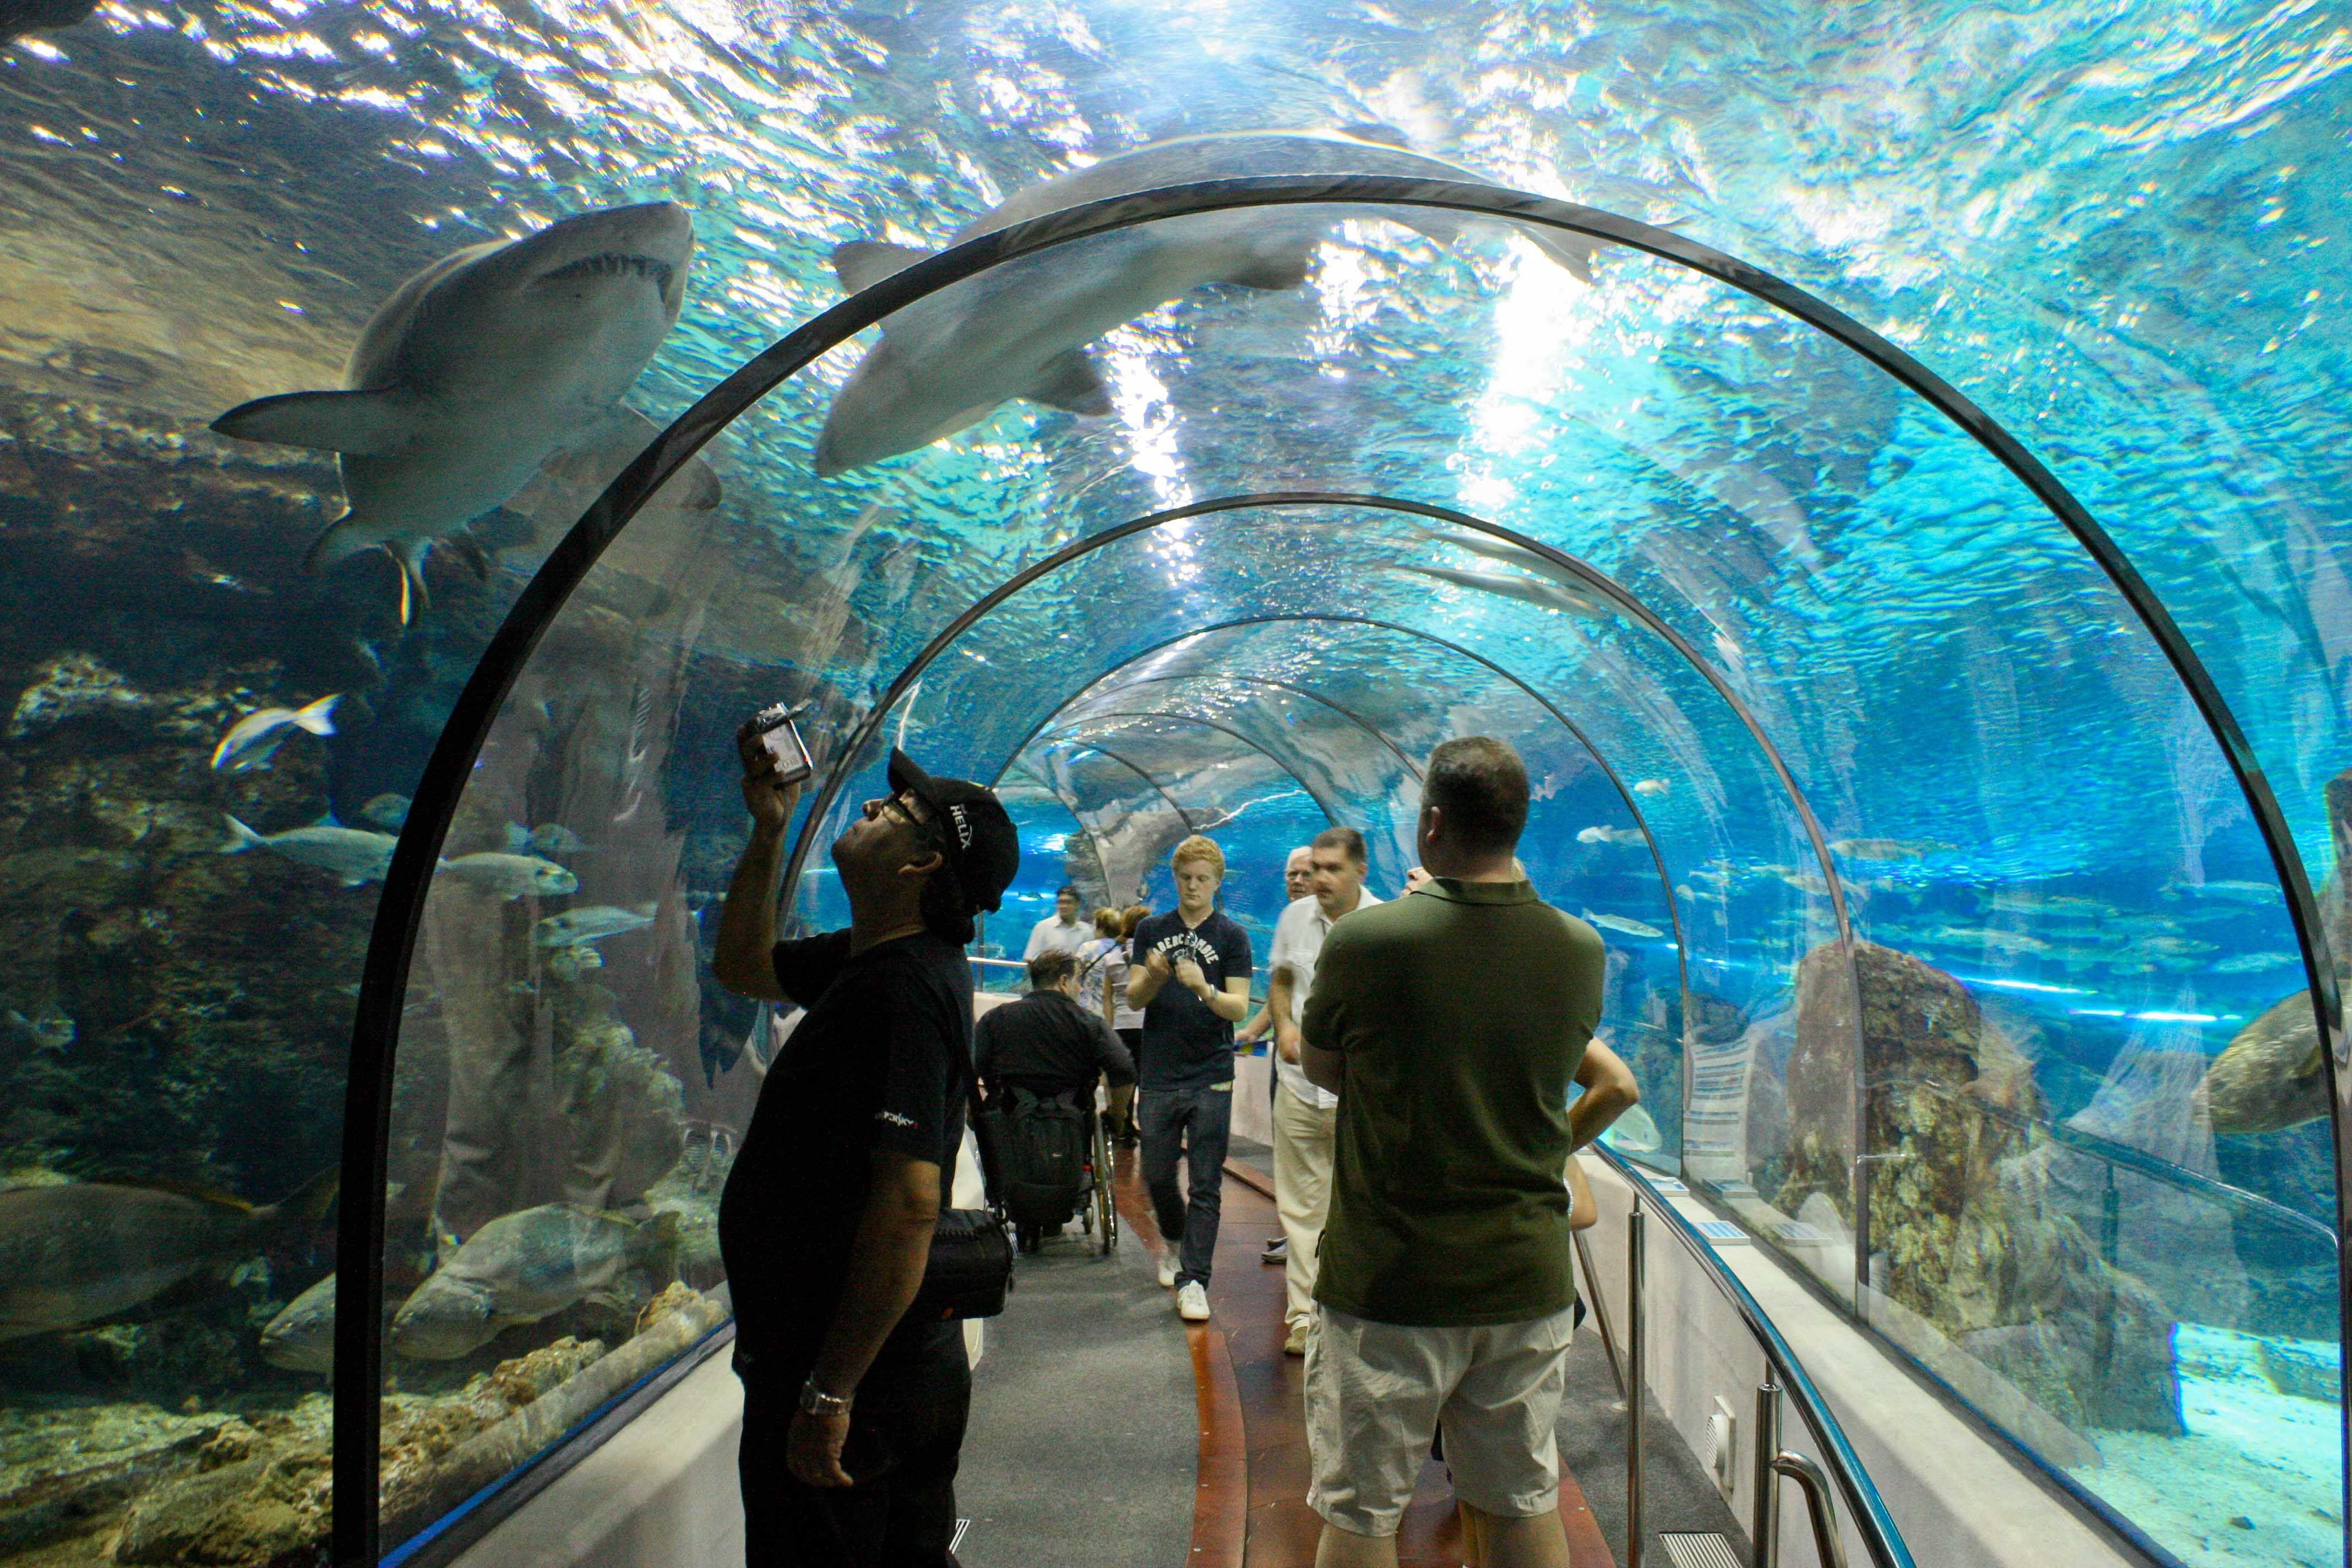 L 39 aquarium de barcelona spain an unforgettable for Aquarium de barcelona